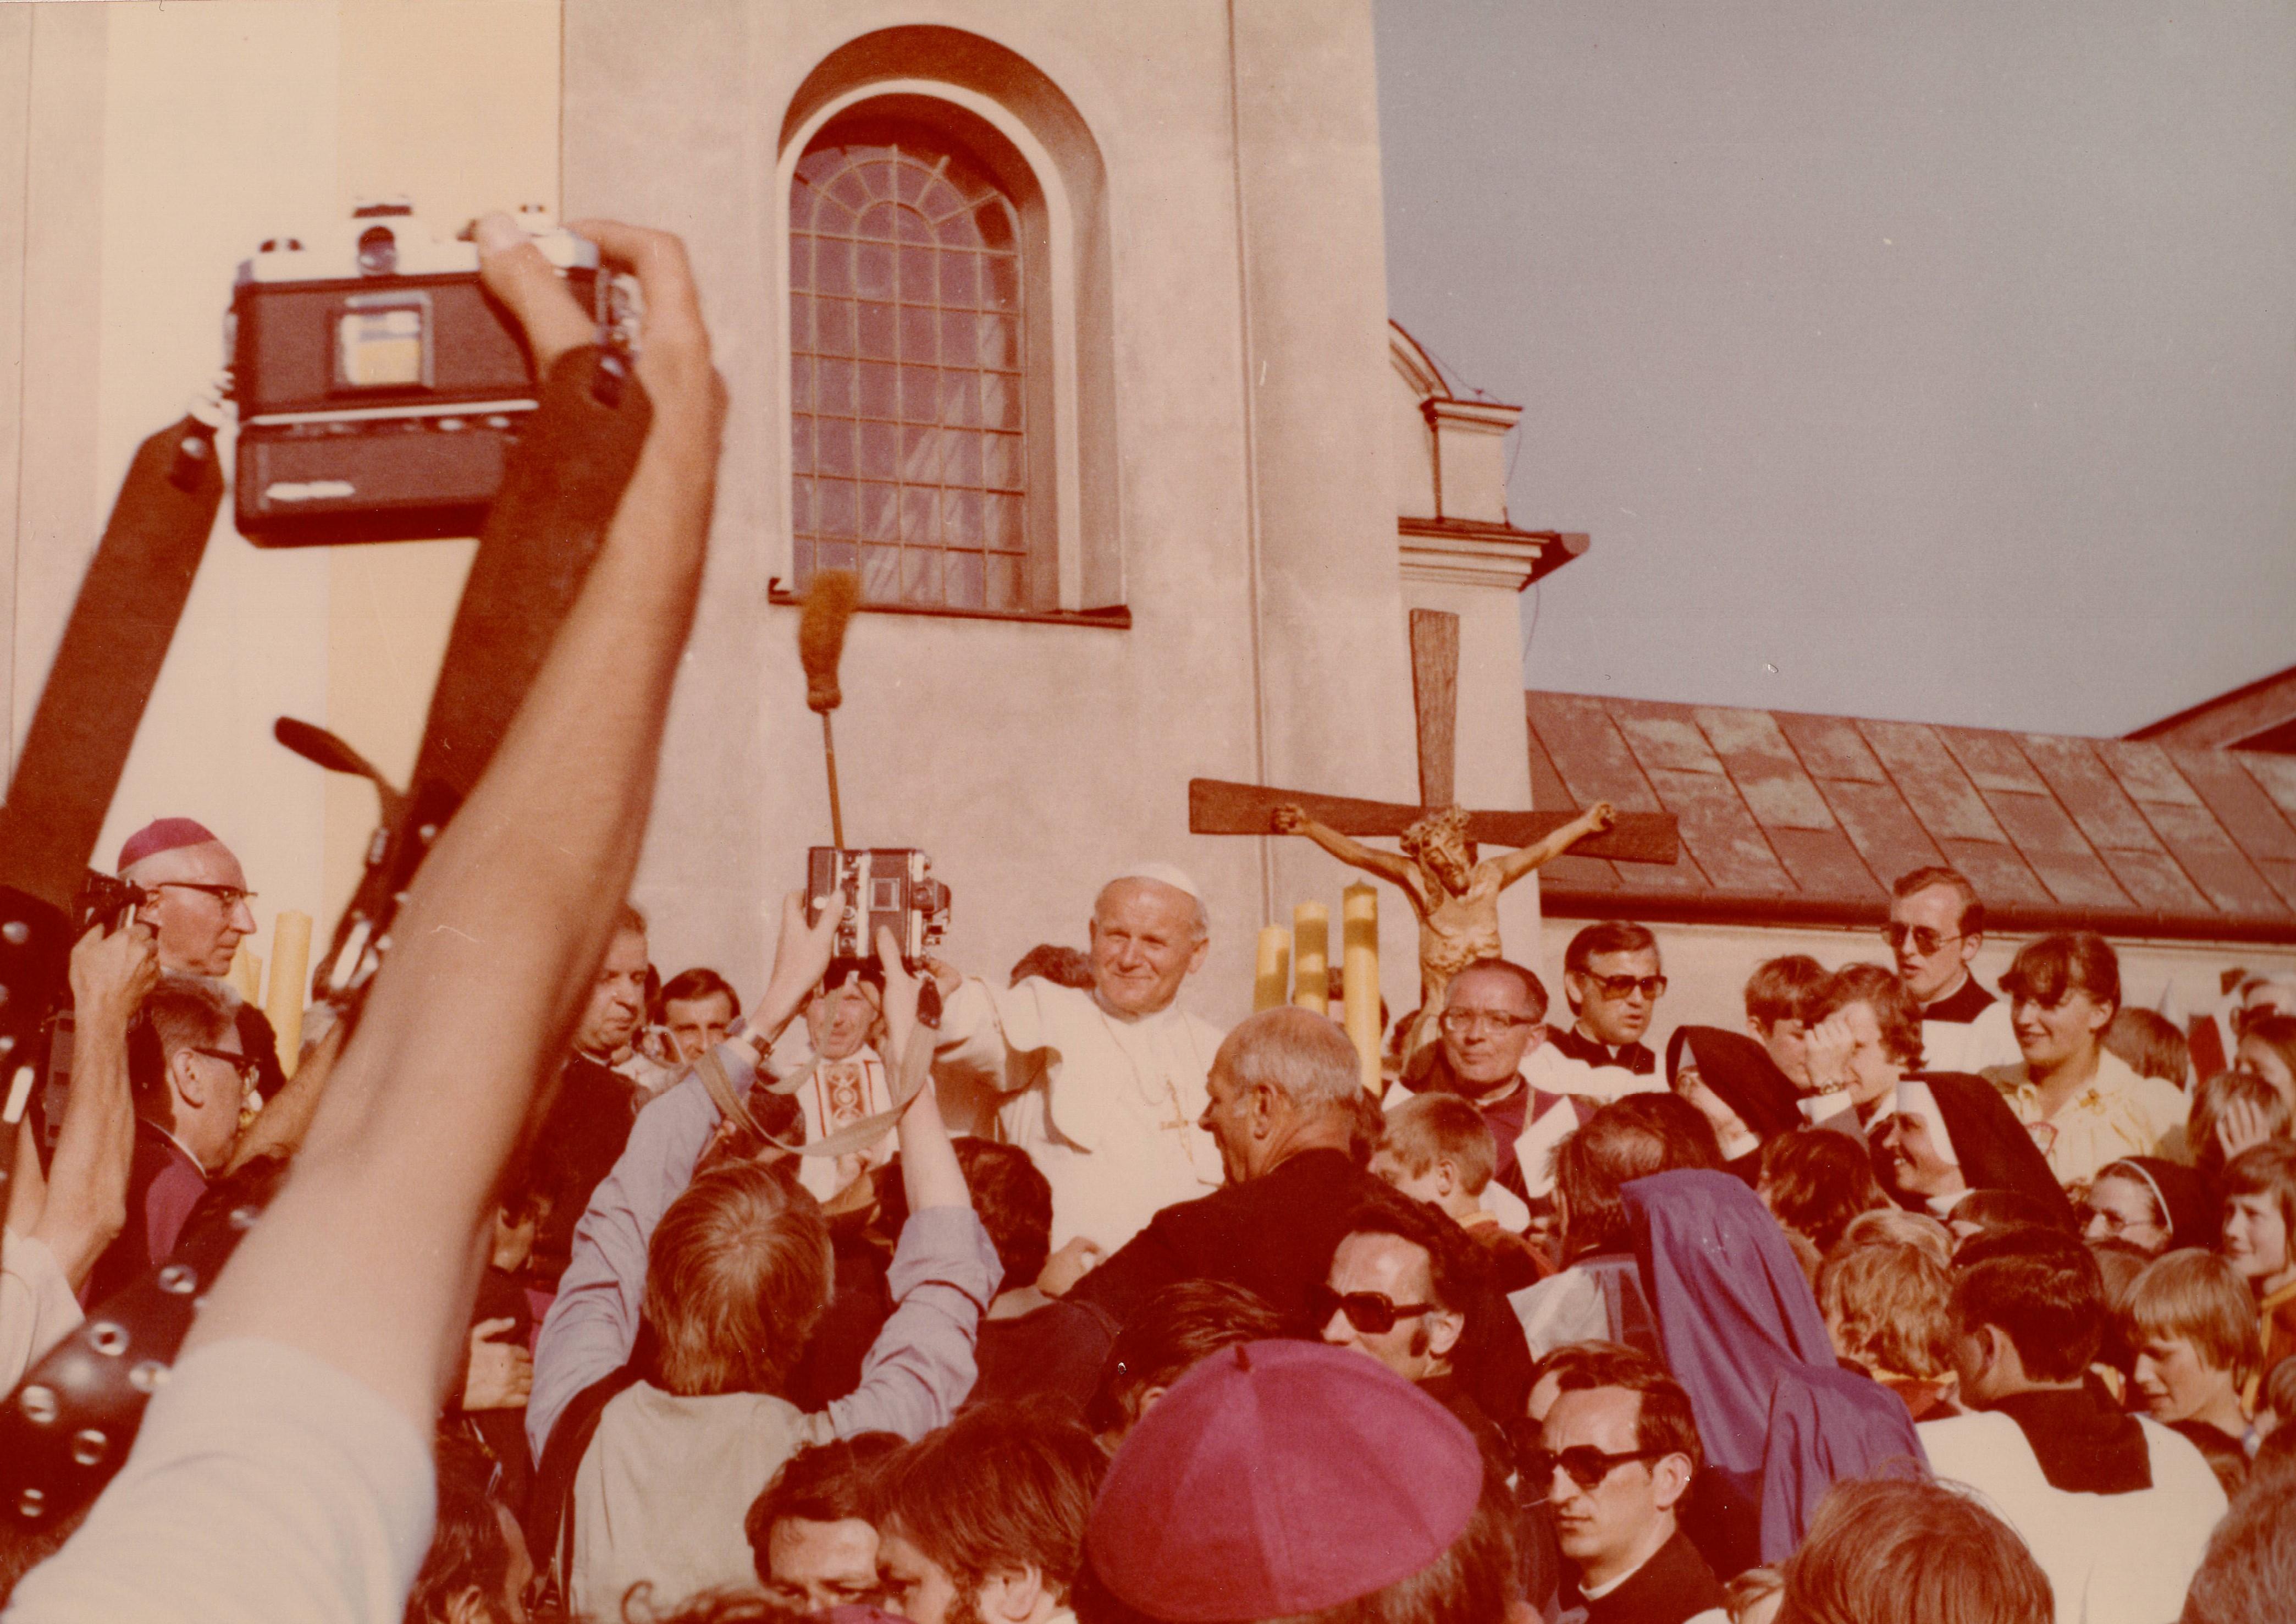 Słowo wypowiadane przez zło nie jest ostatnim słowem ludzkości. IV etap pielgrzymki Ojca Świętego do Ojczyny. Nowy Targ, Kalwaria Zebrzydowska, Wadowice, Oświęcim 7-8.06 1979 roku. Komentarz arcybiskupa Marka Jędraszewskiego.